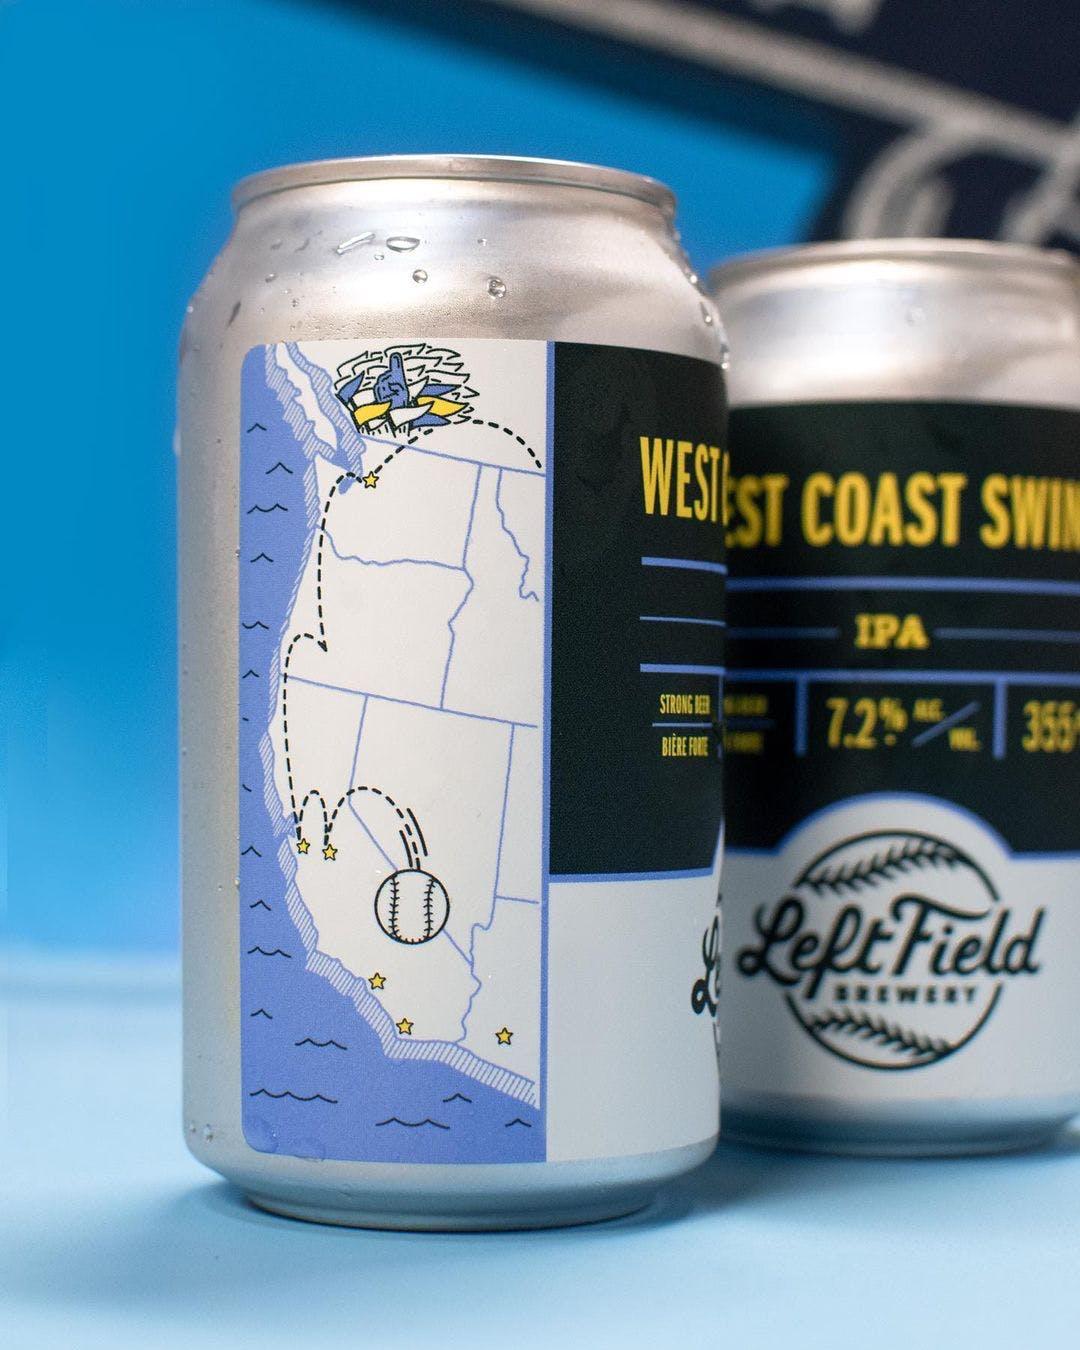 West Coast Swing IPA, Left Field Brewery